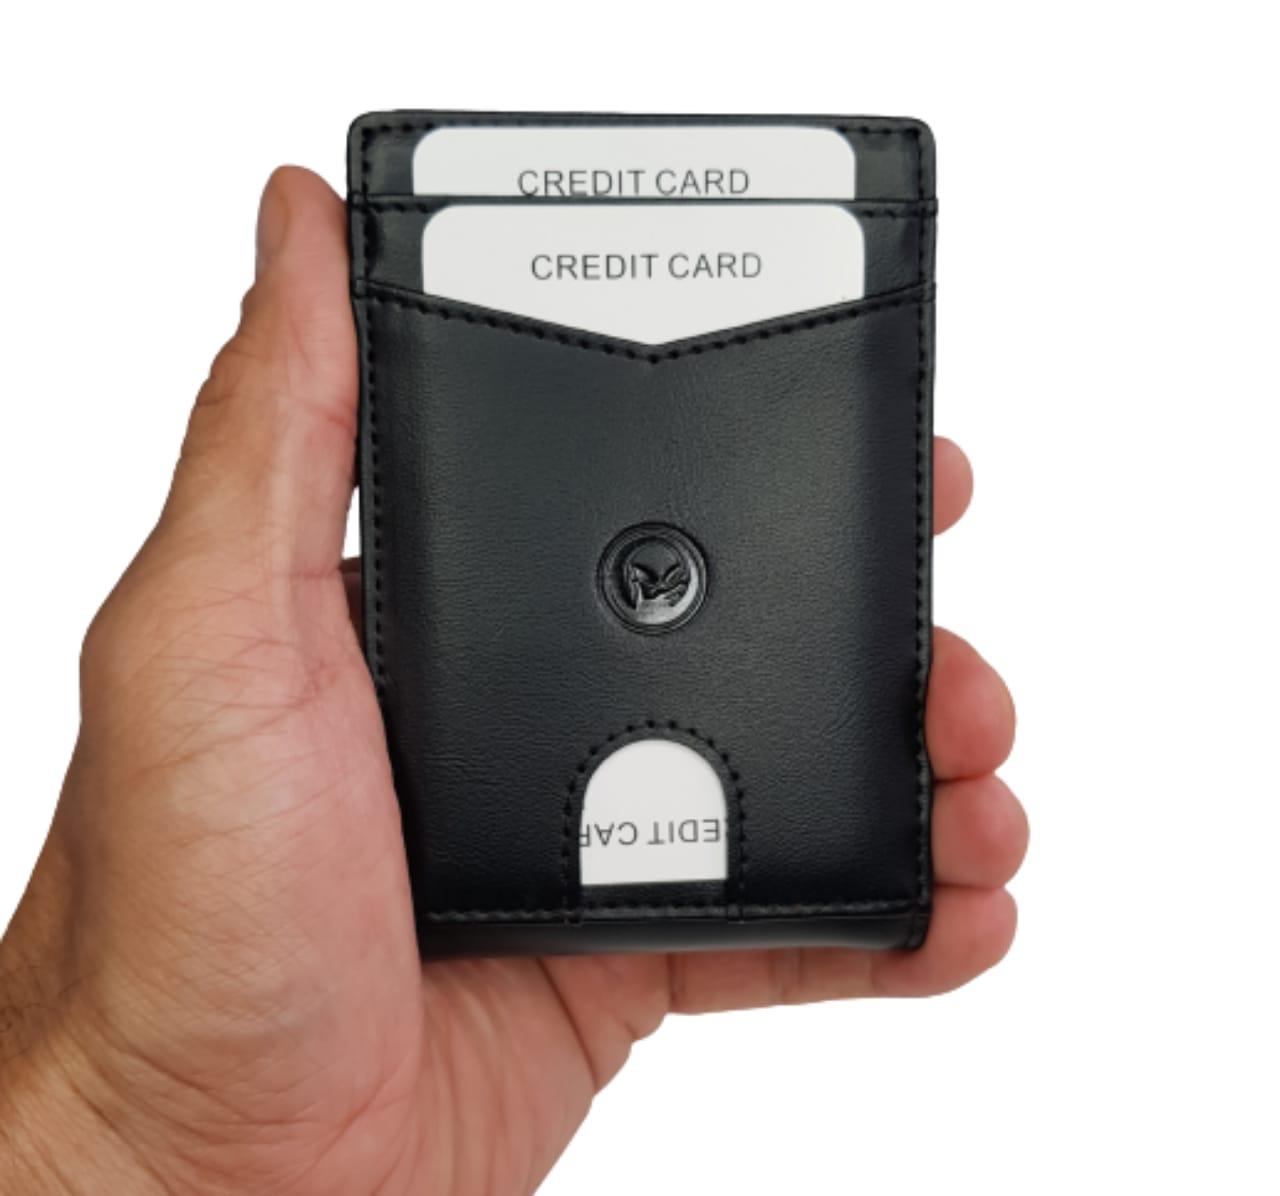 Carteira Modelo Slim Segura Rfid com Grampo para Dinheiro